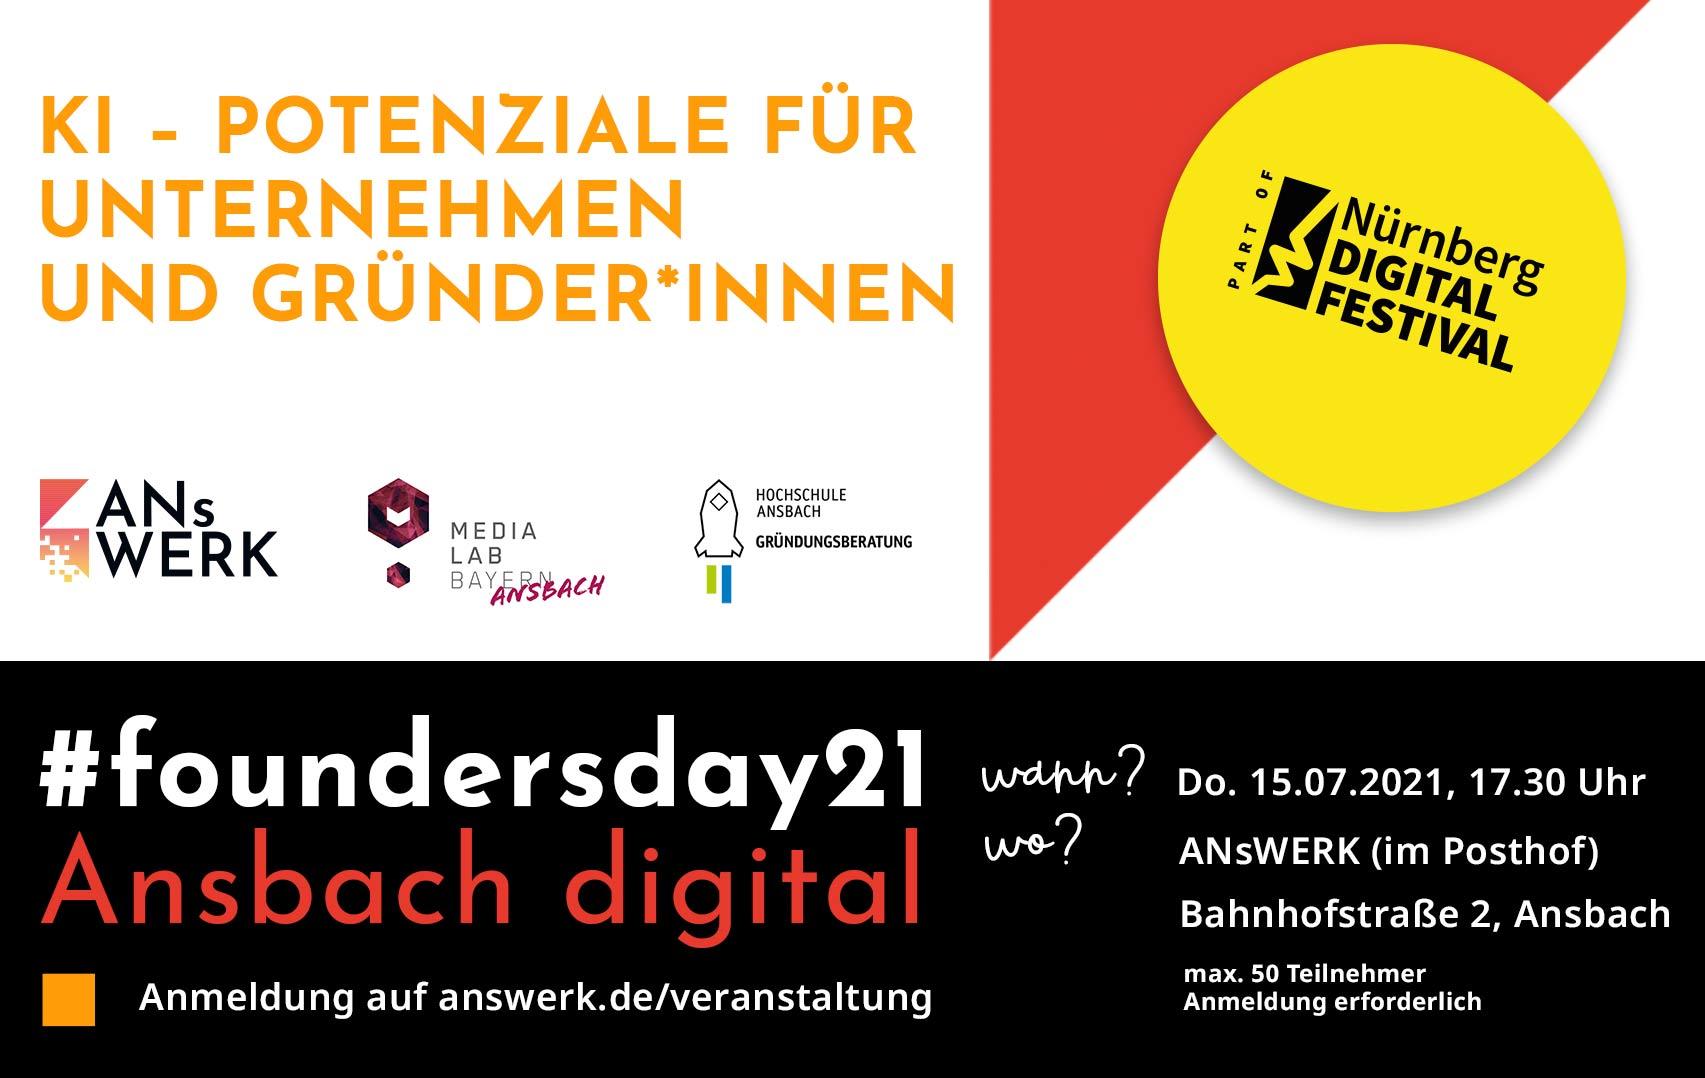 #foundersday21 in Ansbach ANsWERK für Gründer, Startups, Unternehmen und Experten